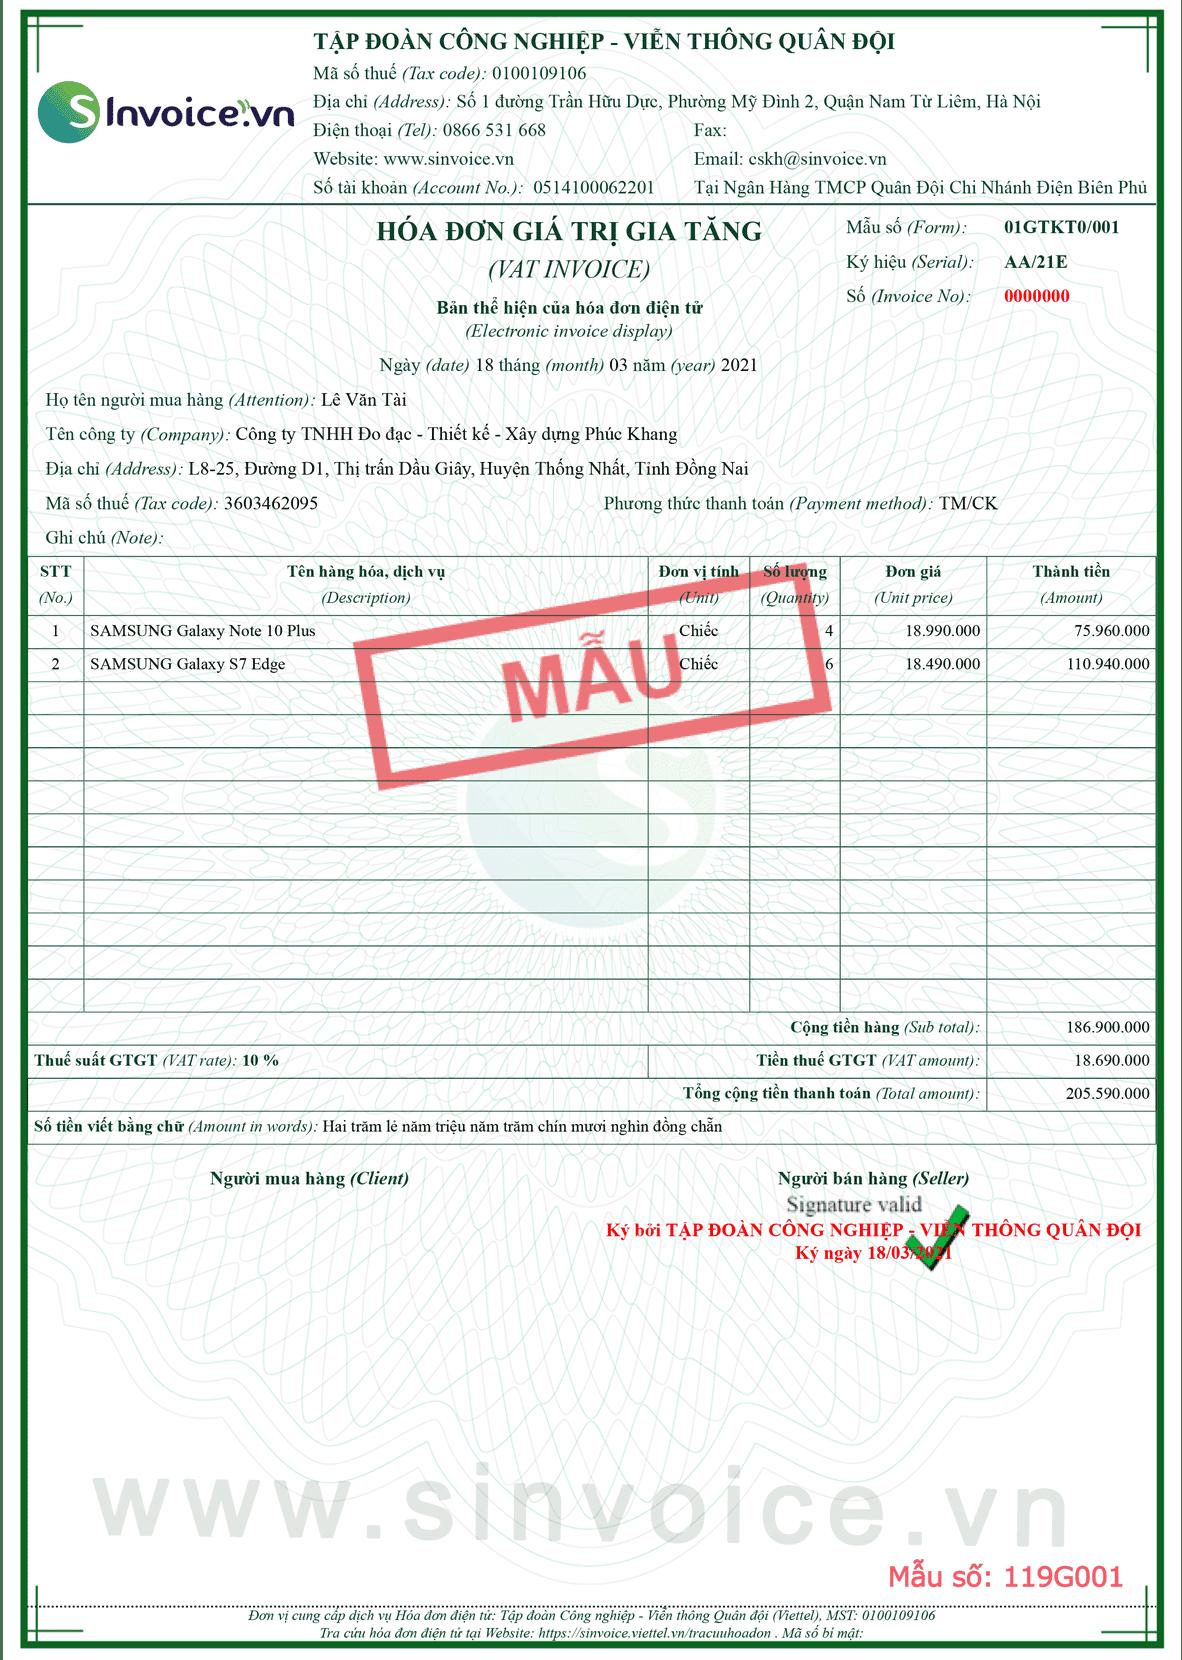 Mẫu hóa đơn điện tử số 119G001